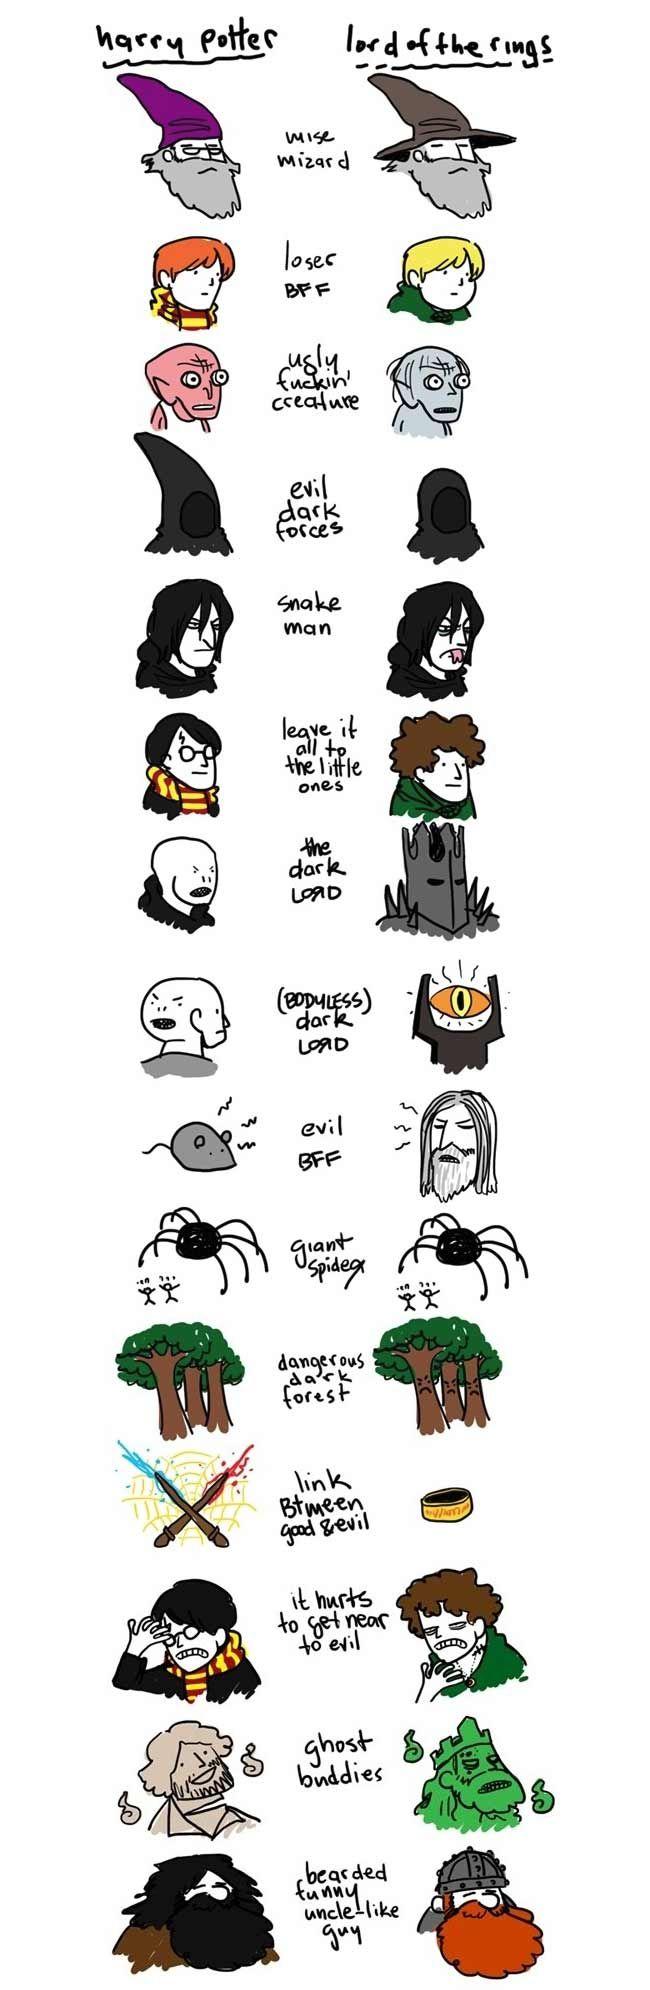 Harry Potter rencontre Le Seigneur des Anneaux !